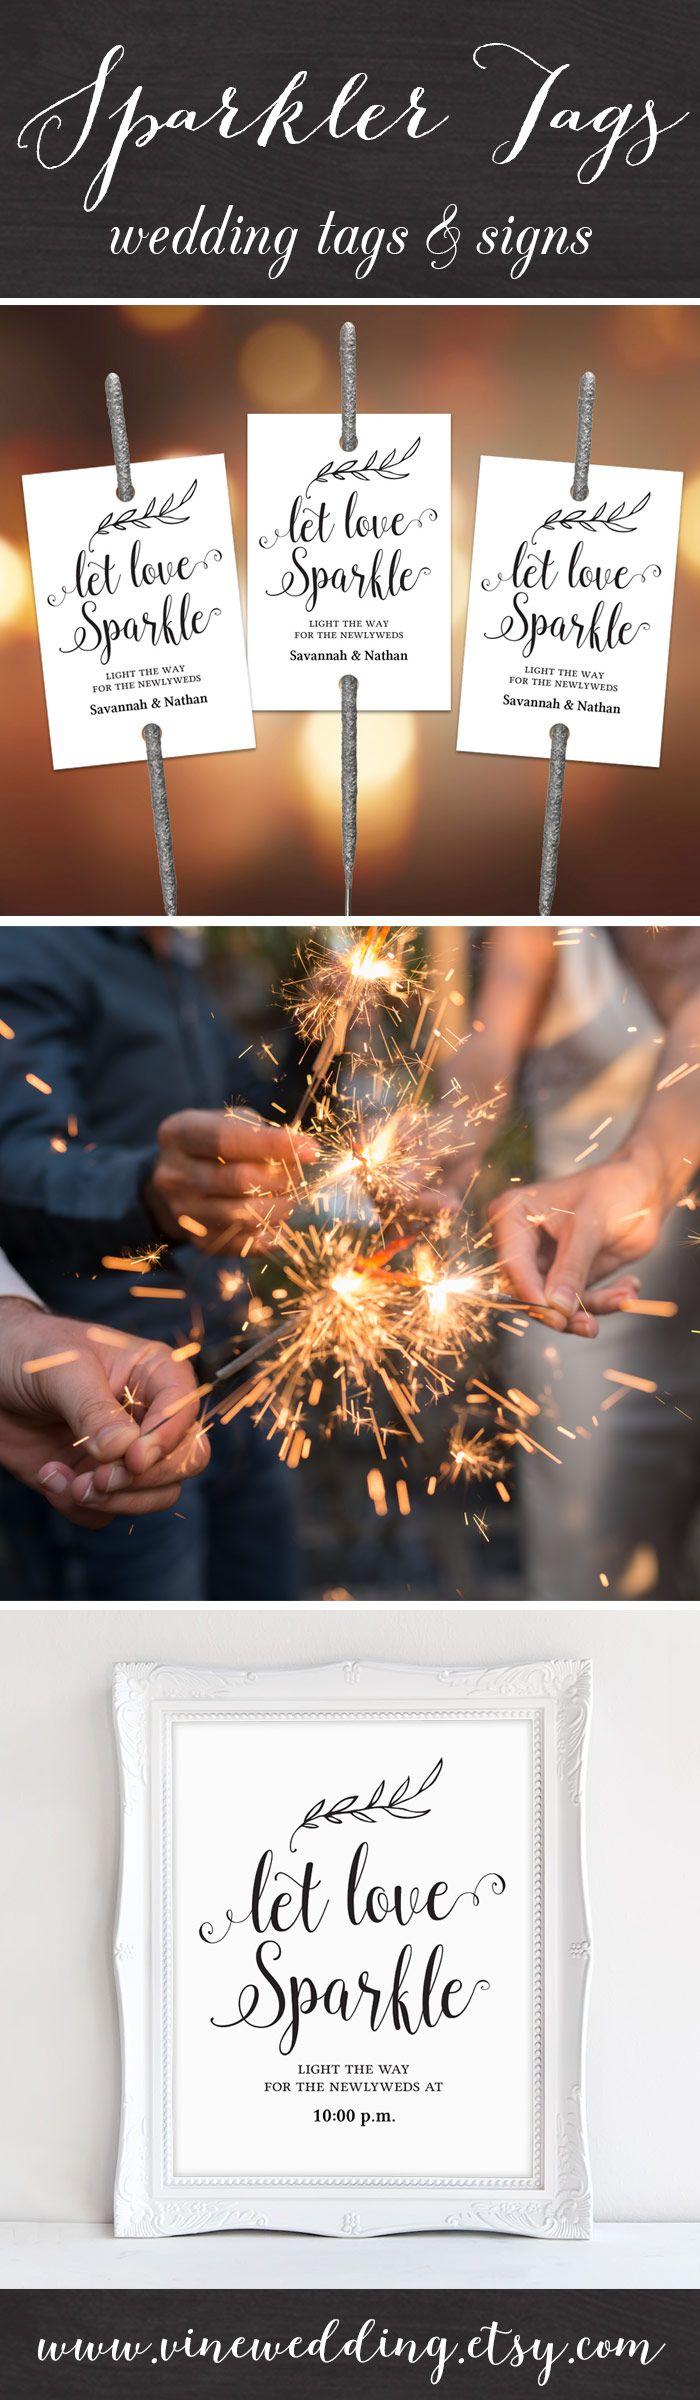 Let LOVE sparkle! Instant download sparkler tags and sign set. #wedding #sparkler #tag #vinewedding #diy #kraft #sign #rustic #tags #signs